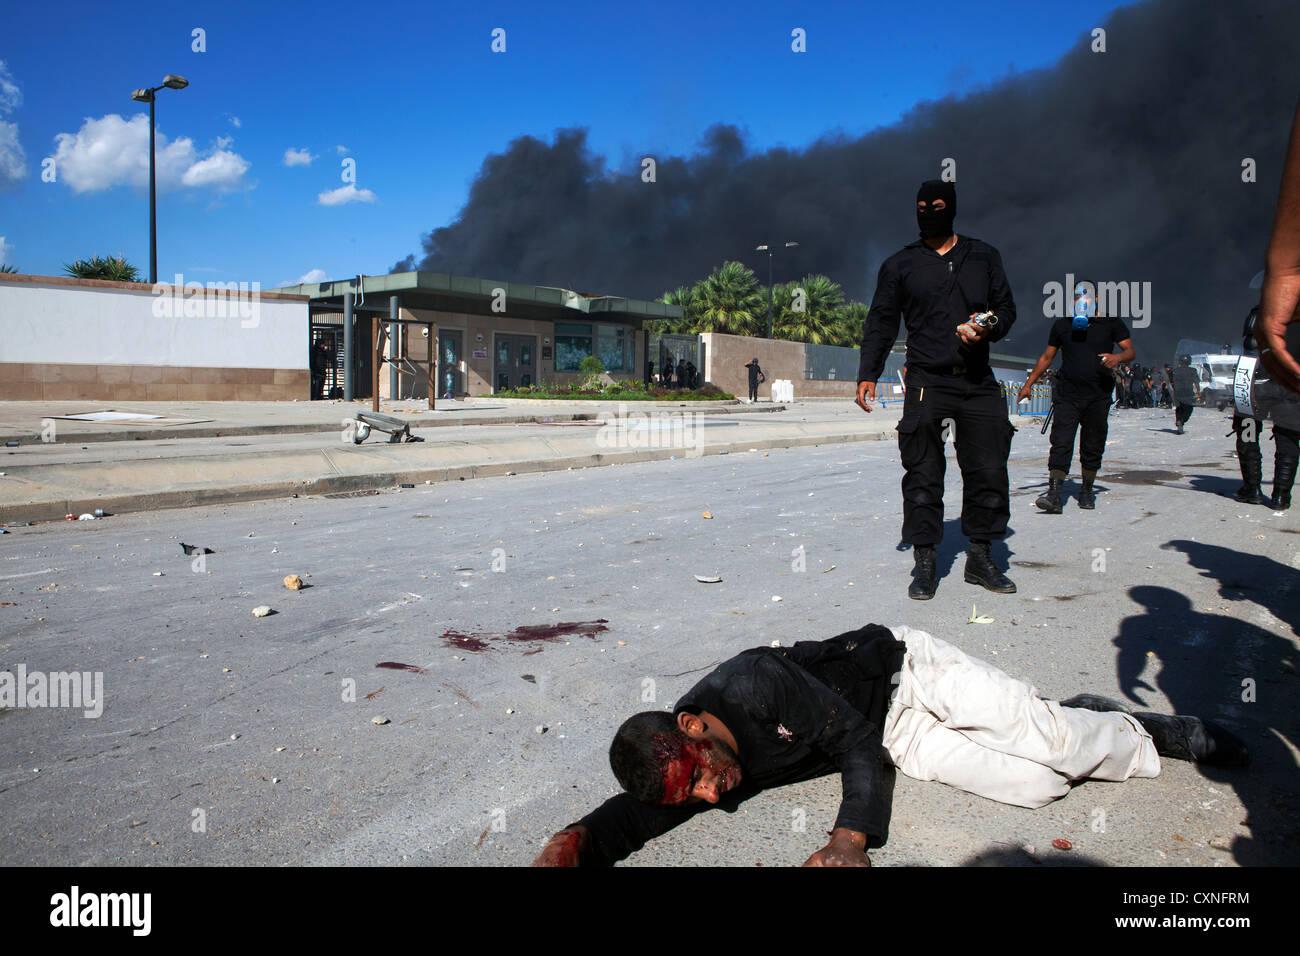 Un manifestant jette inconscient sur le sol devant l'ambassade américaine à Tunis après avoir Photo Stock